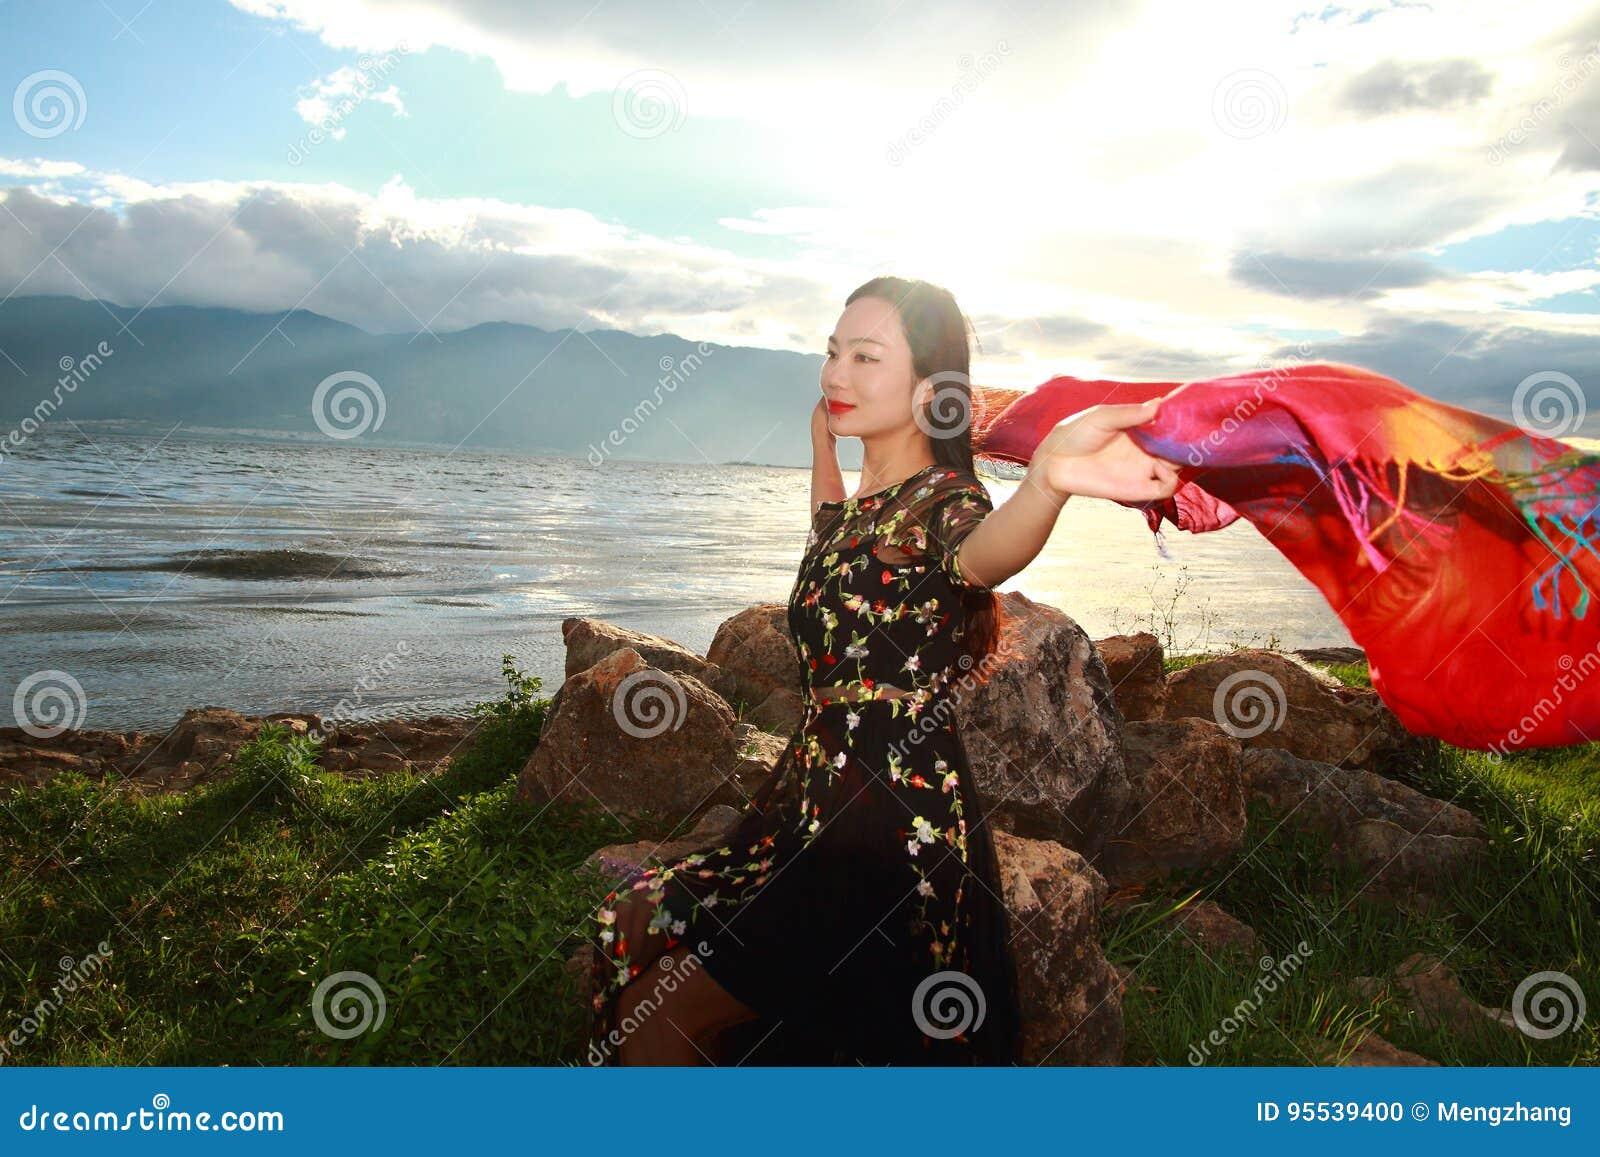 coast woman Sunshine asian